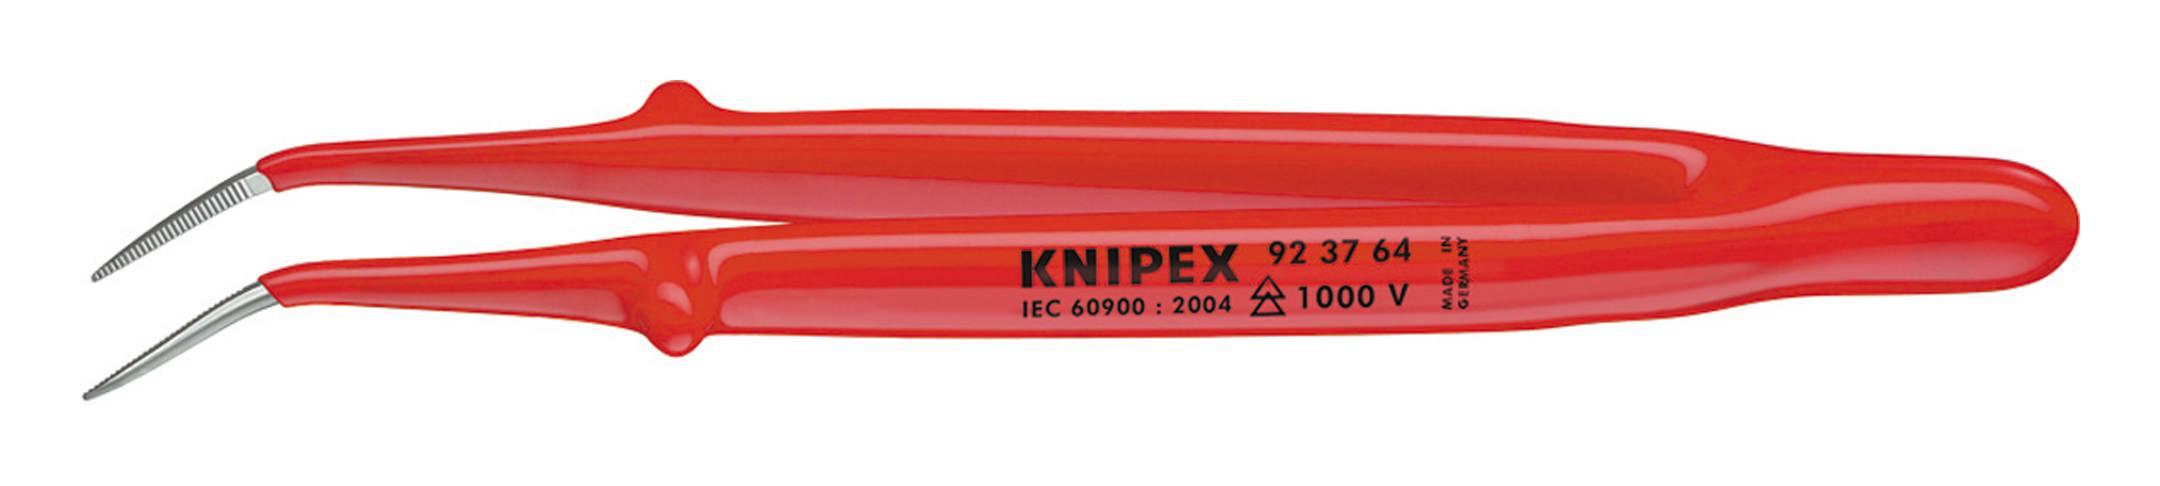 Knipex Präzisions-Pinzette gebogen 150mm VDE - 92 37 64